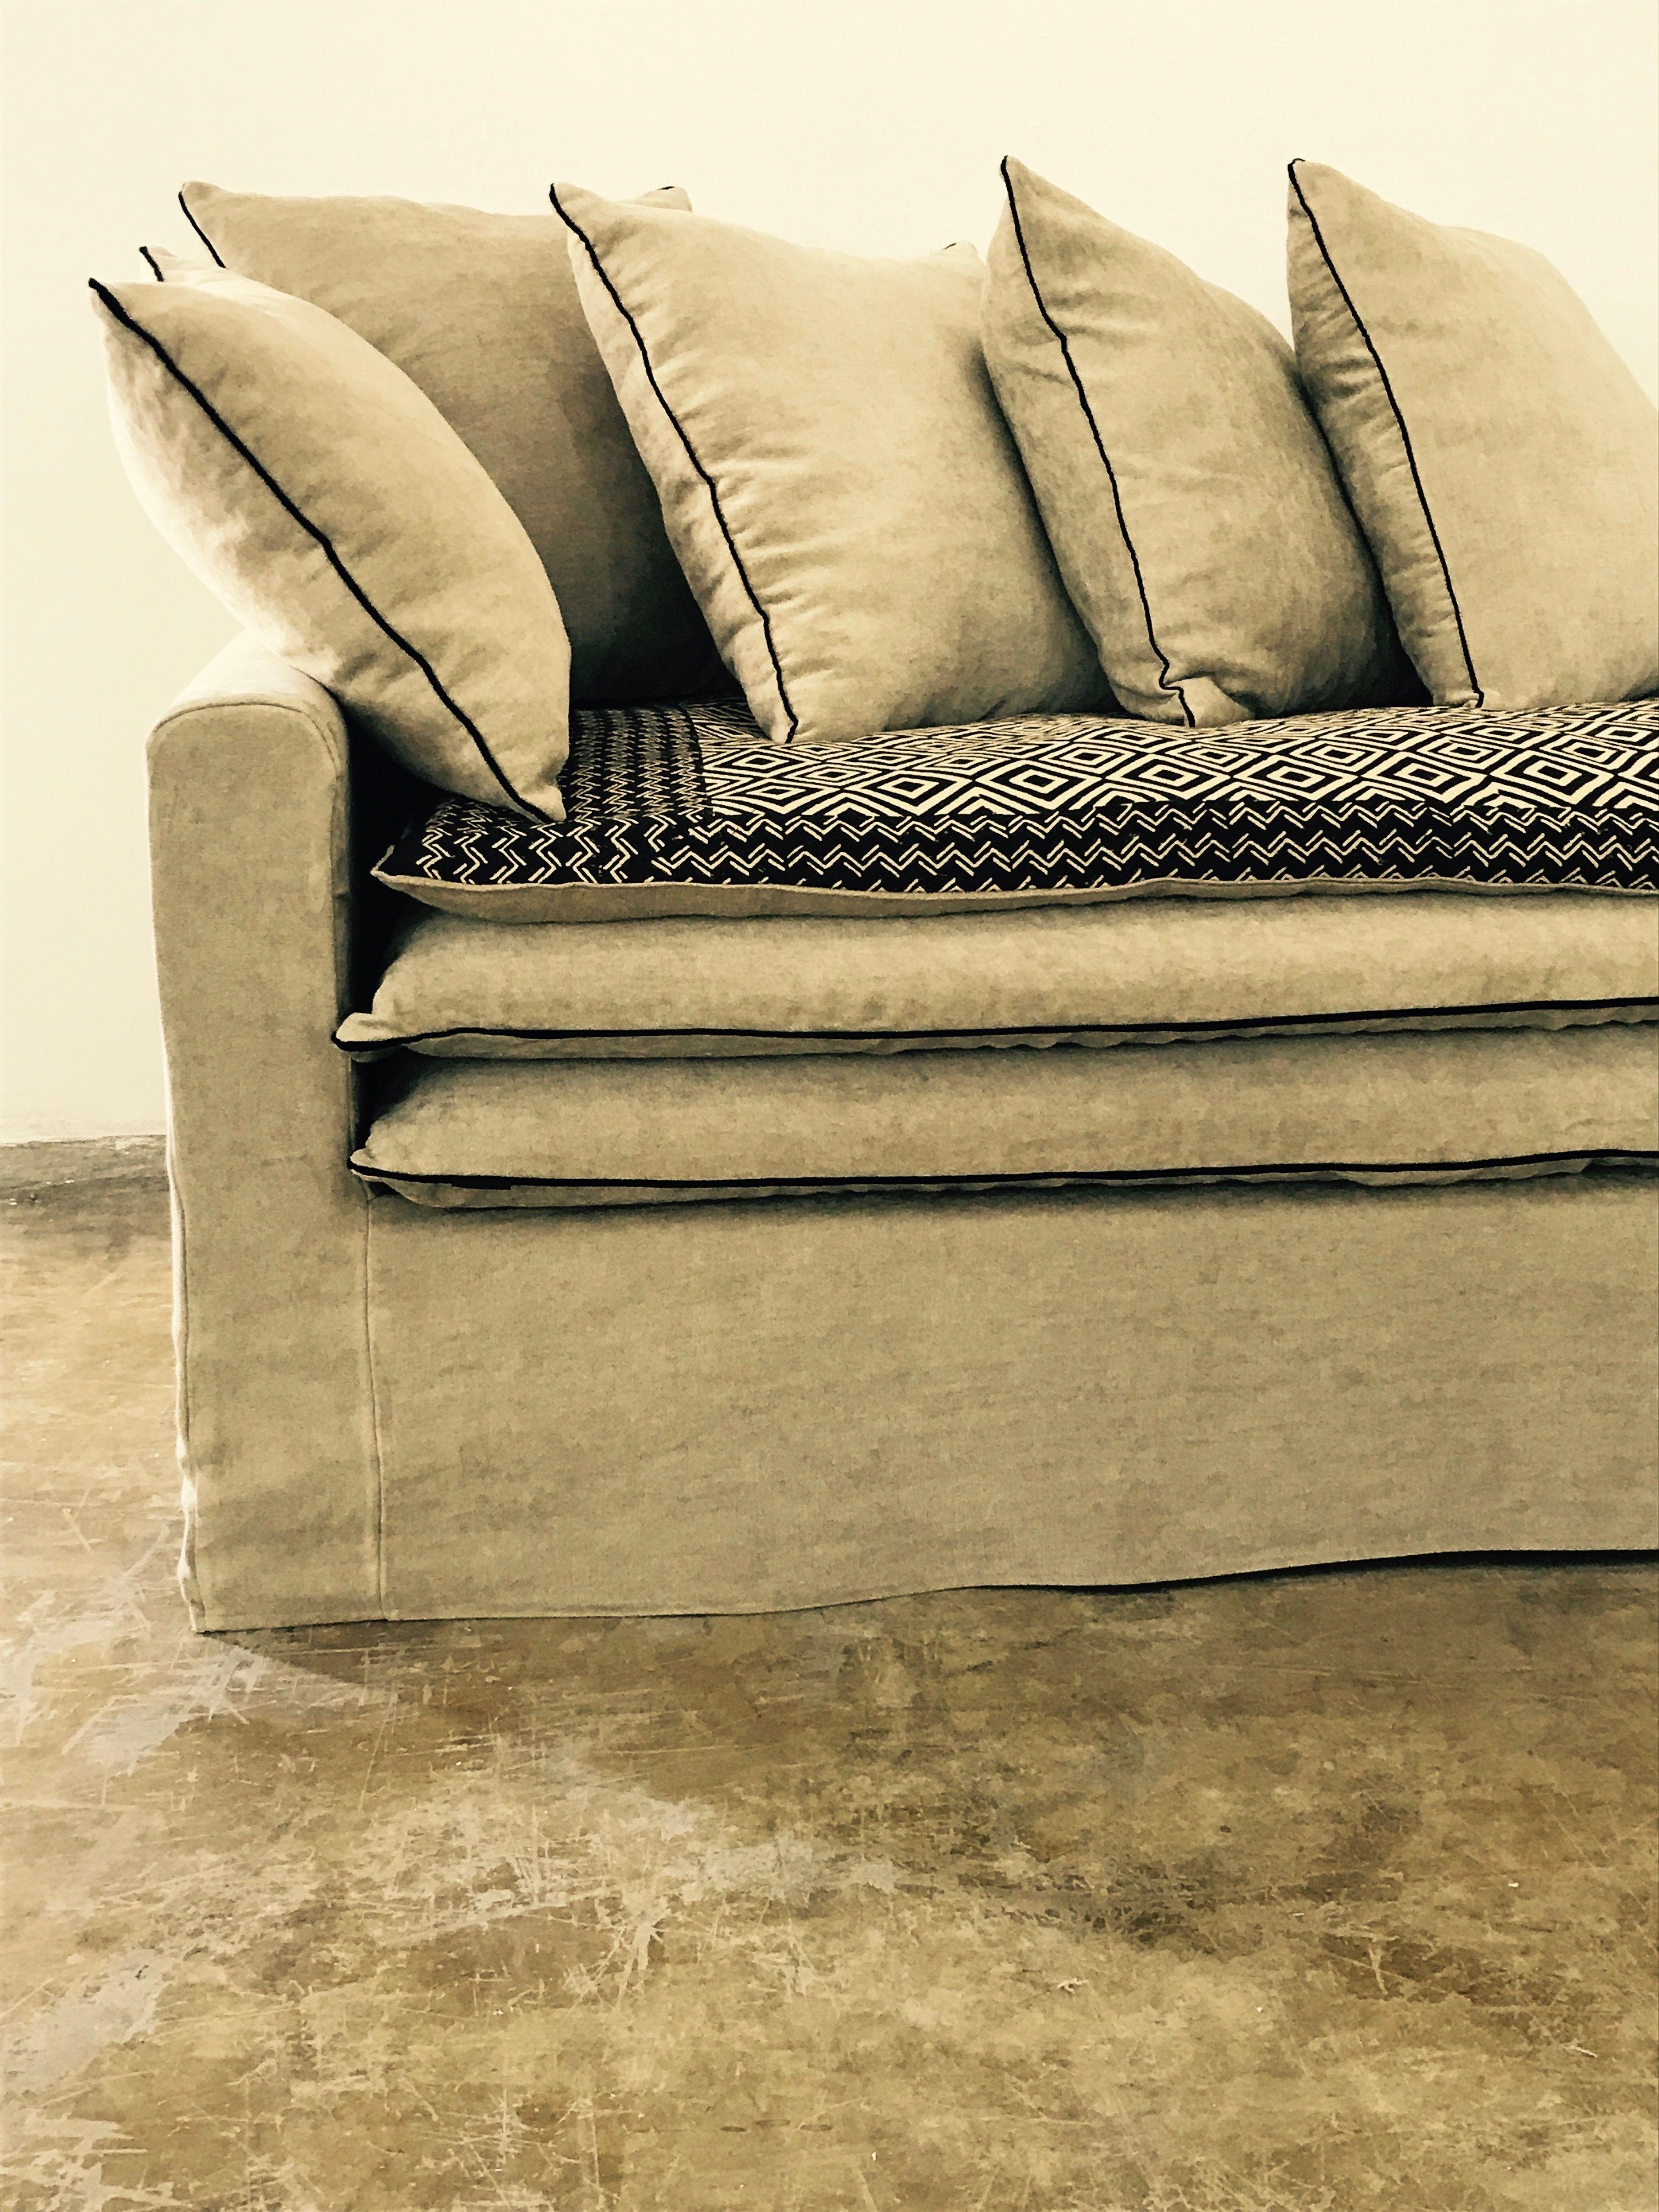 canap sur mesure boheme en lin lav beige et son sofa cover canap s sur mesure en lin lav en. Black Bedroom Furniture Sets. Home Design Ideas